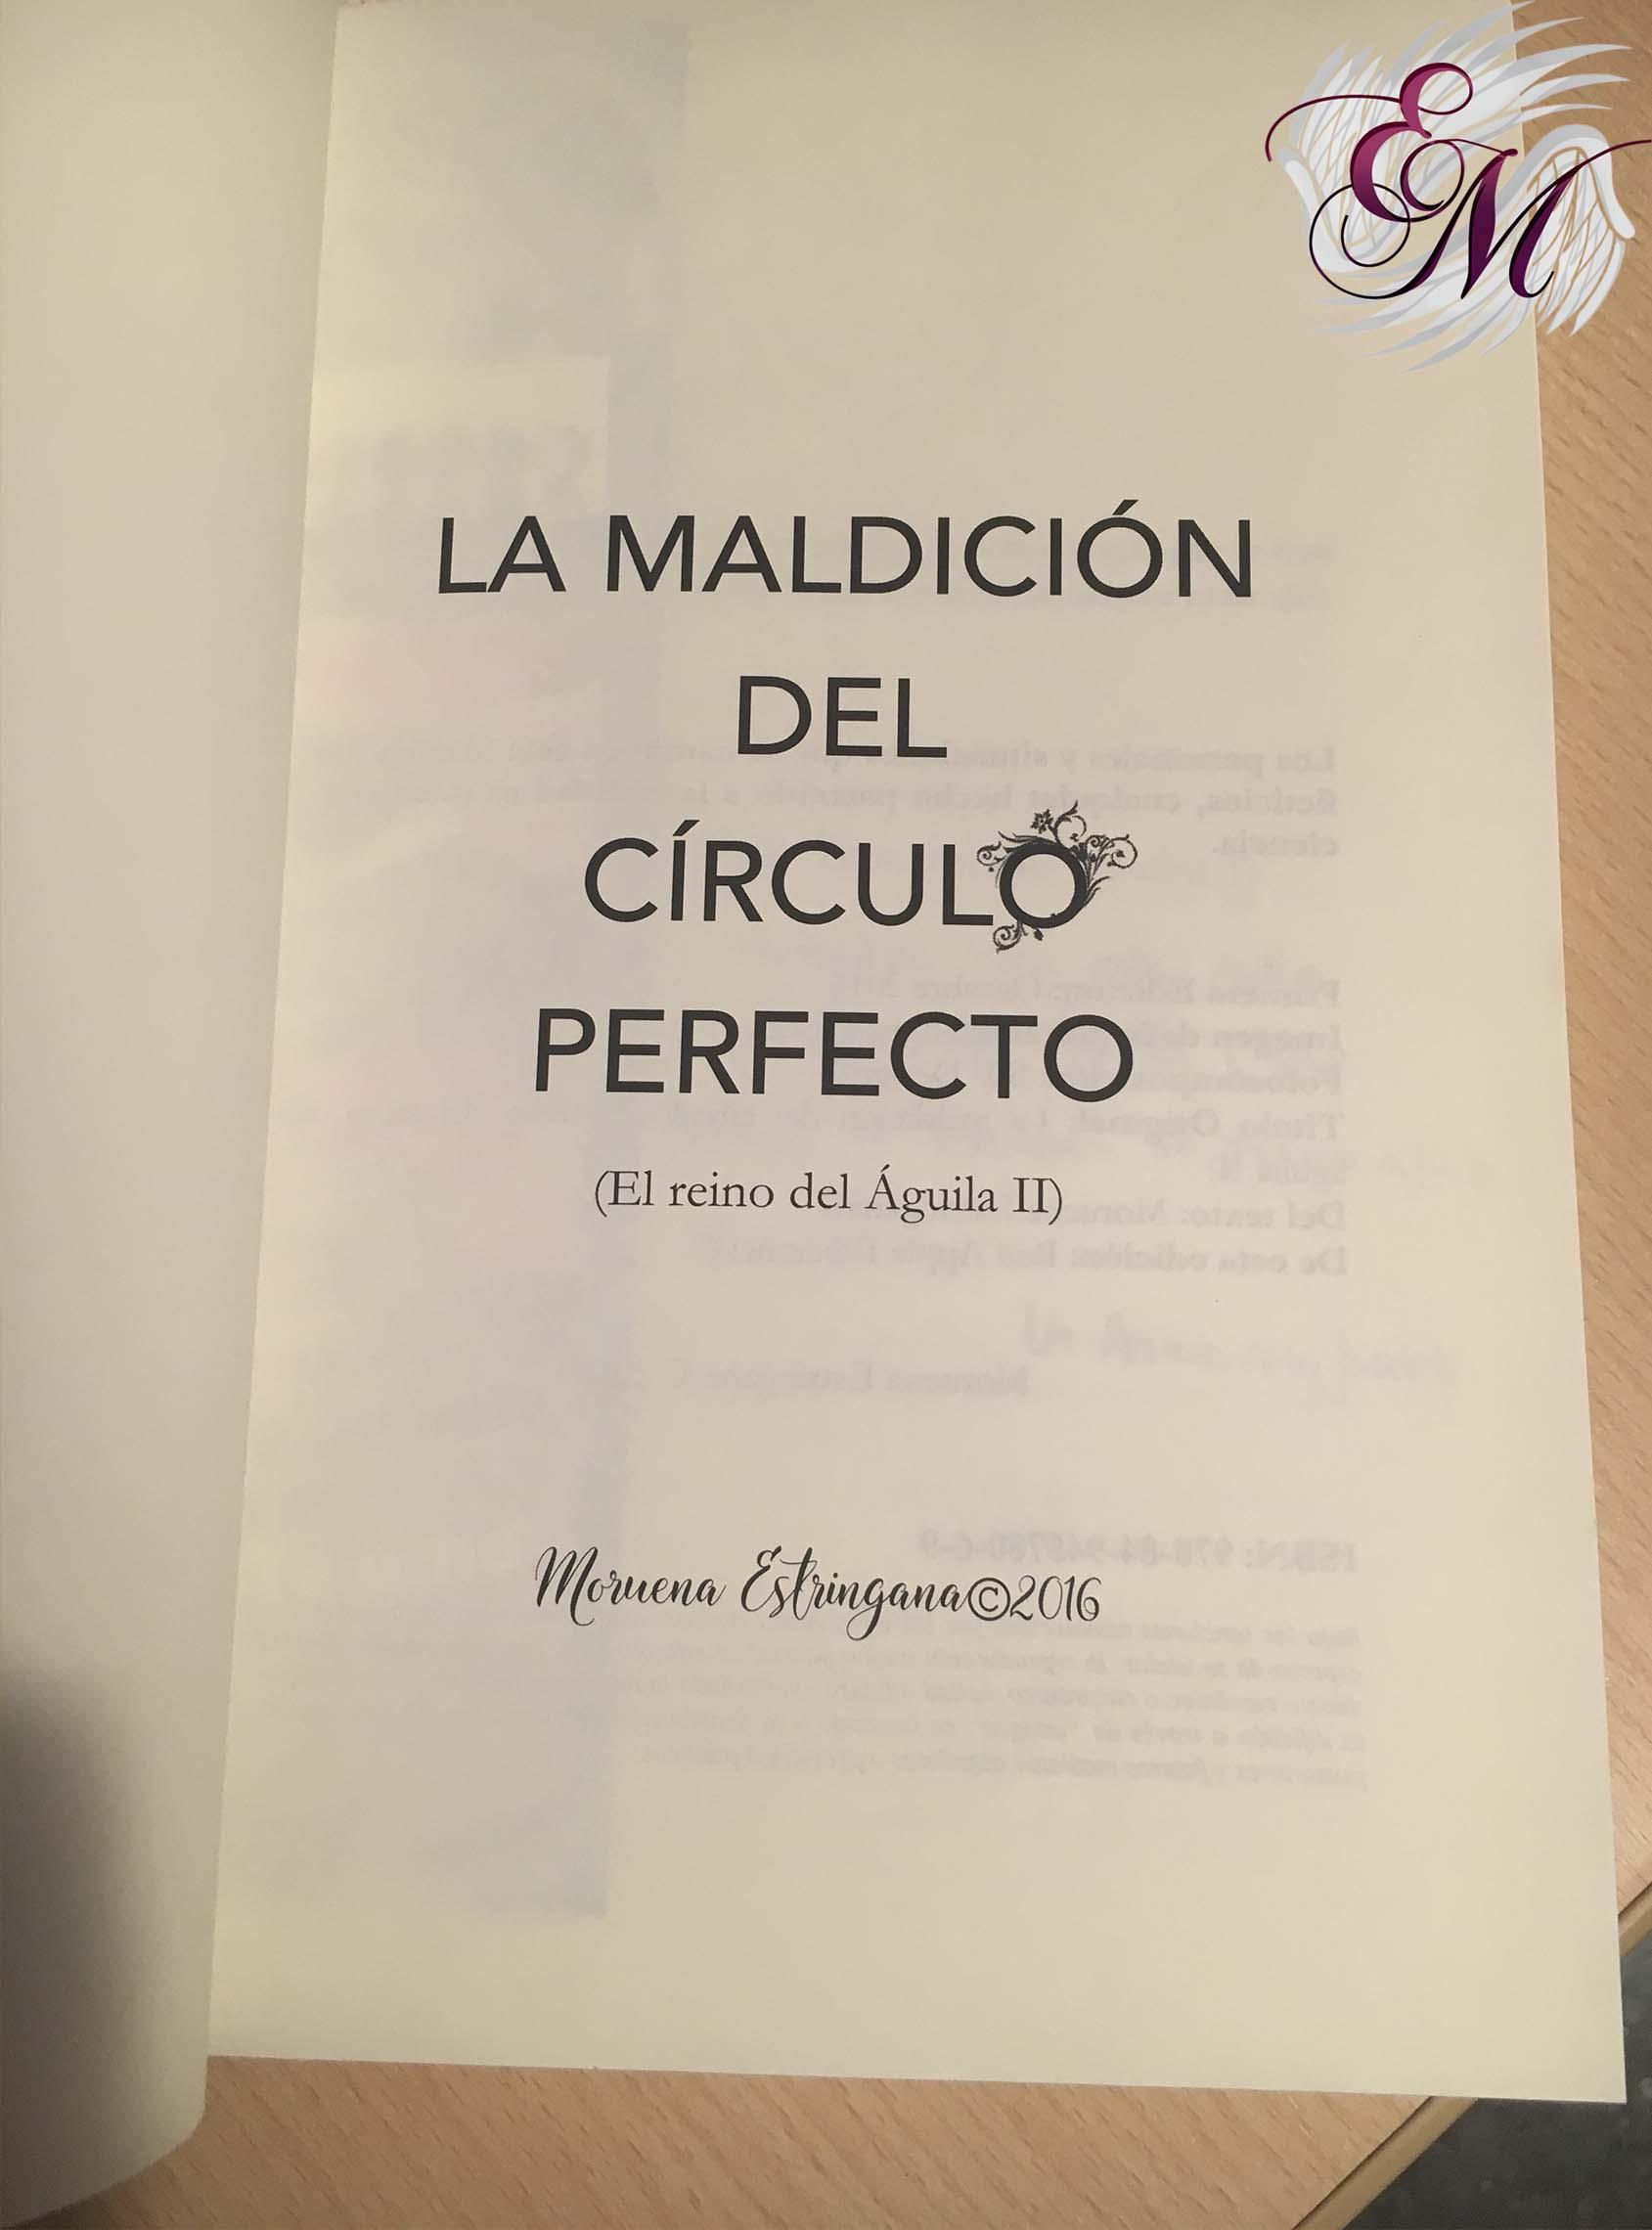 La maldición del círculo perfecto, de Moruena Estríngana - Reseña